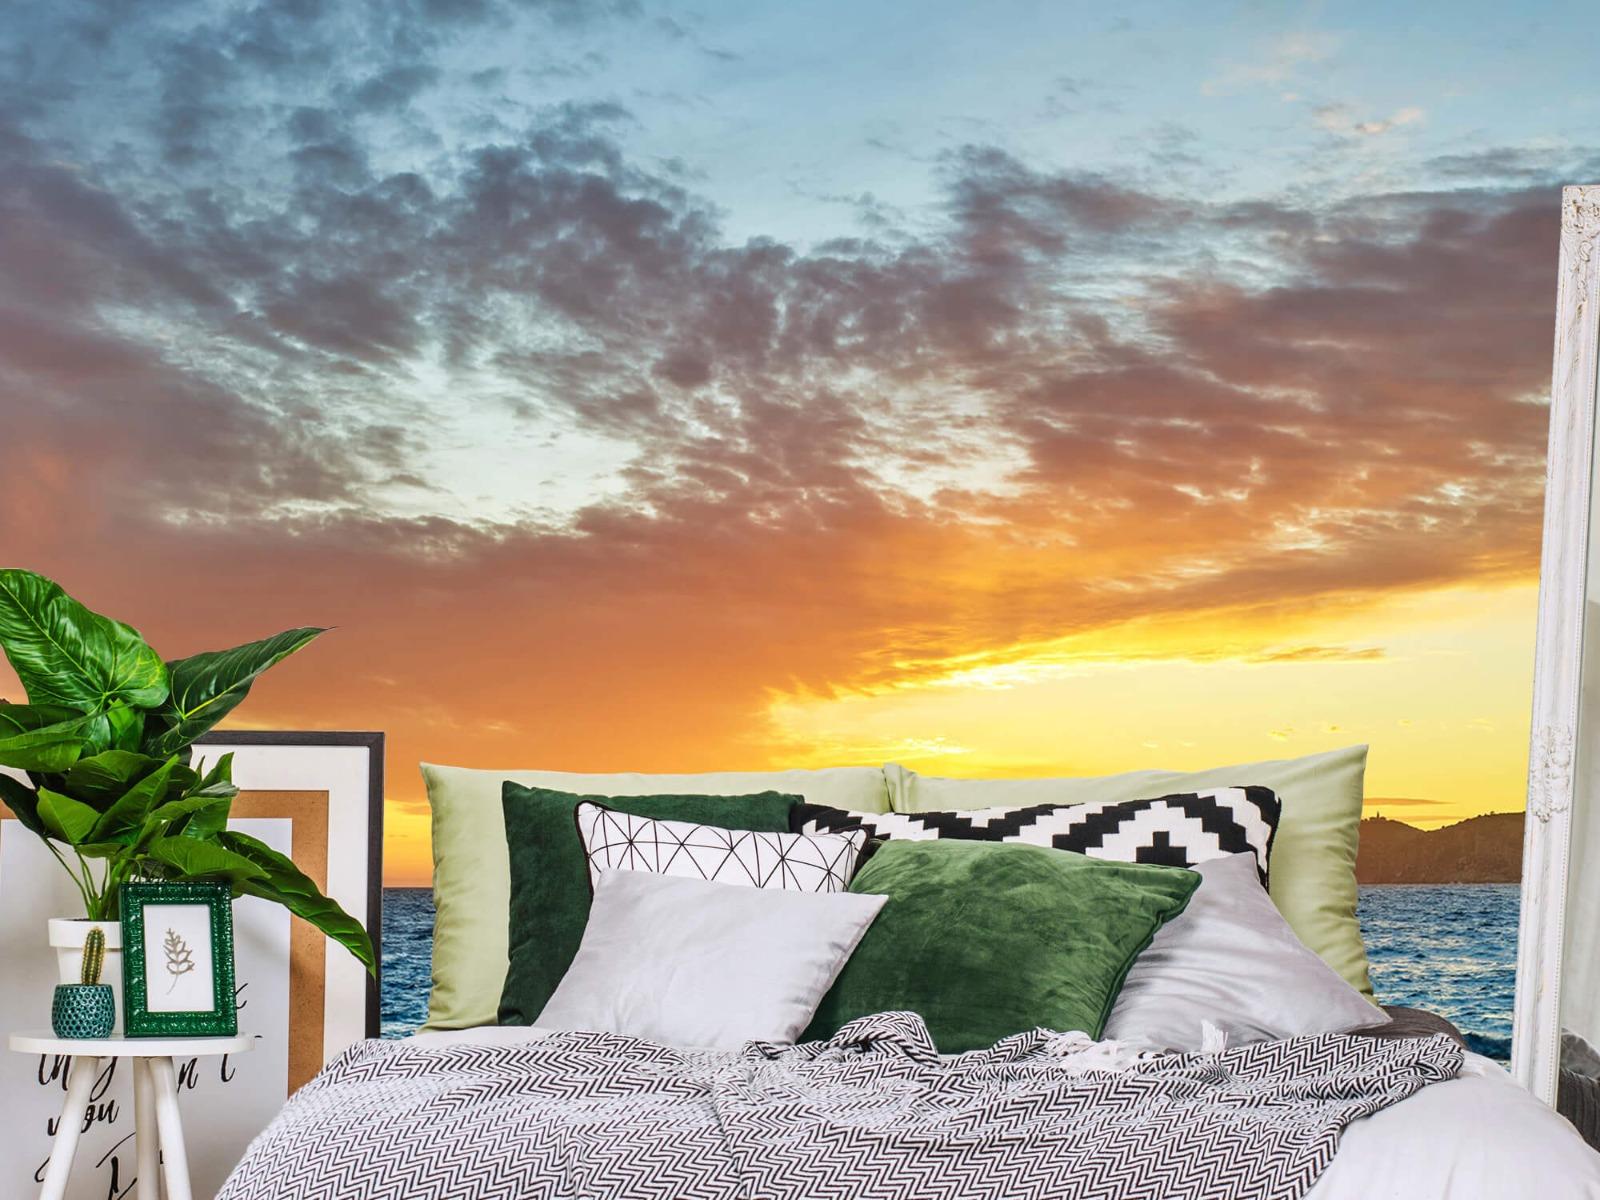 Zon - Zonsondergang op een eiland - Slaapkamer 12